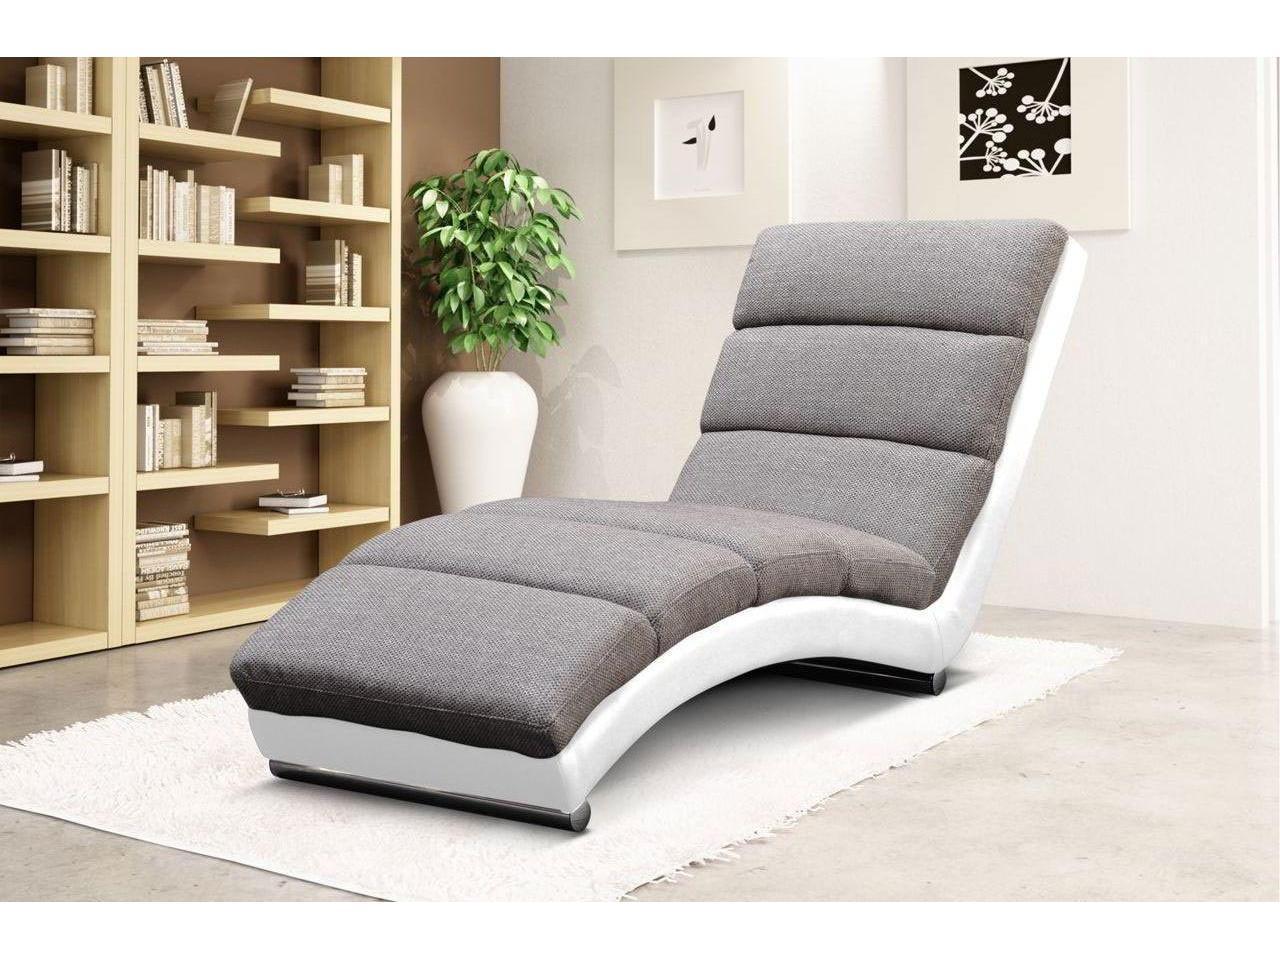 Furnipol - кресла удобные и недорогие! - 10